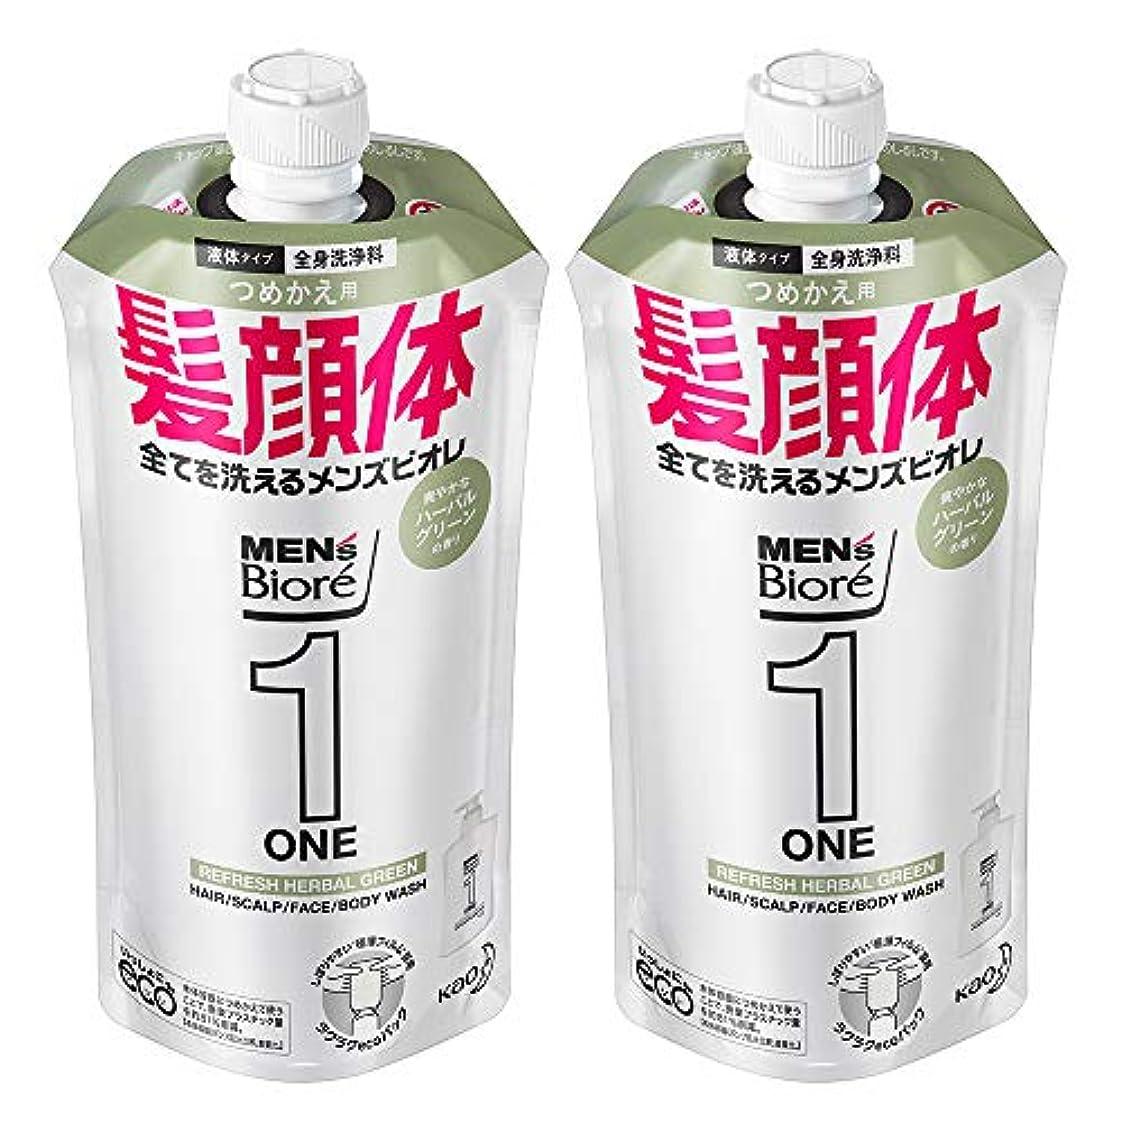 四タック探検【まとめ買い】メンズビオレ ONE オールインワン全身洗浄料 ハーバルグリーンの香り つめかえ用 340ml×2個